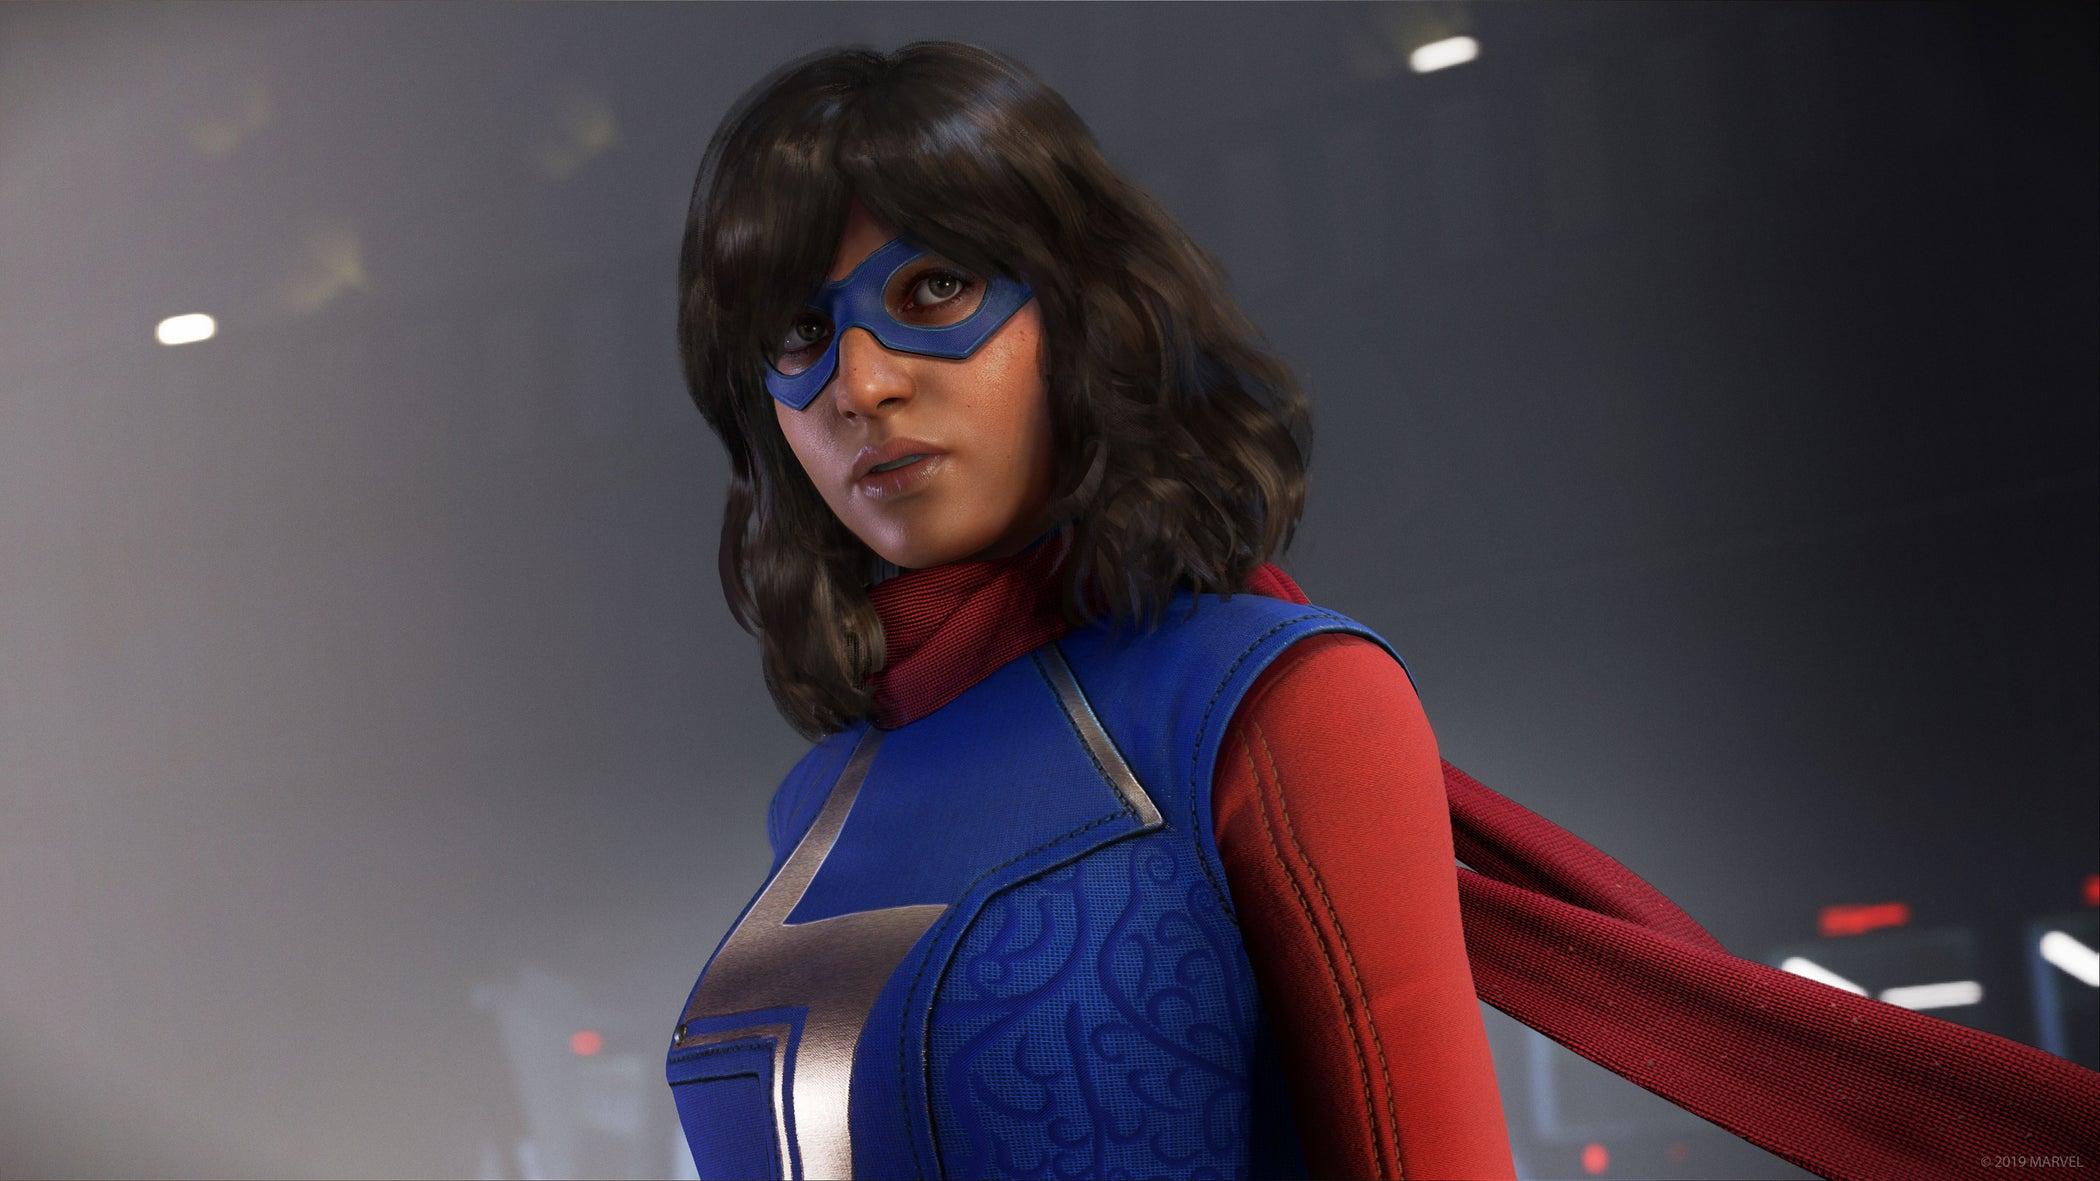 Ms. Marvel headshot Marvel's Avengers